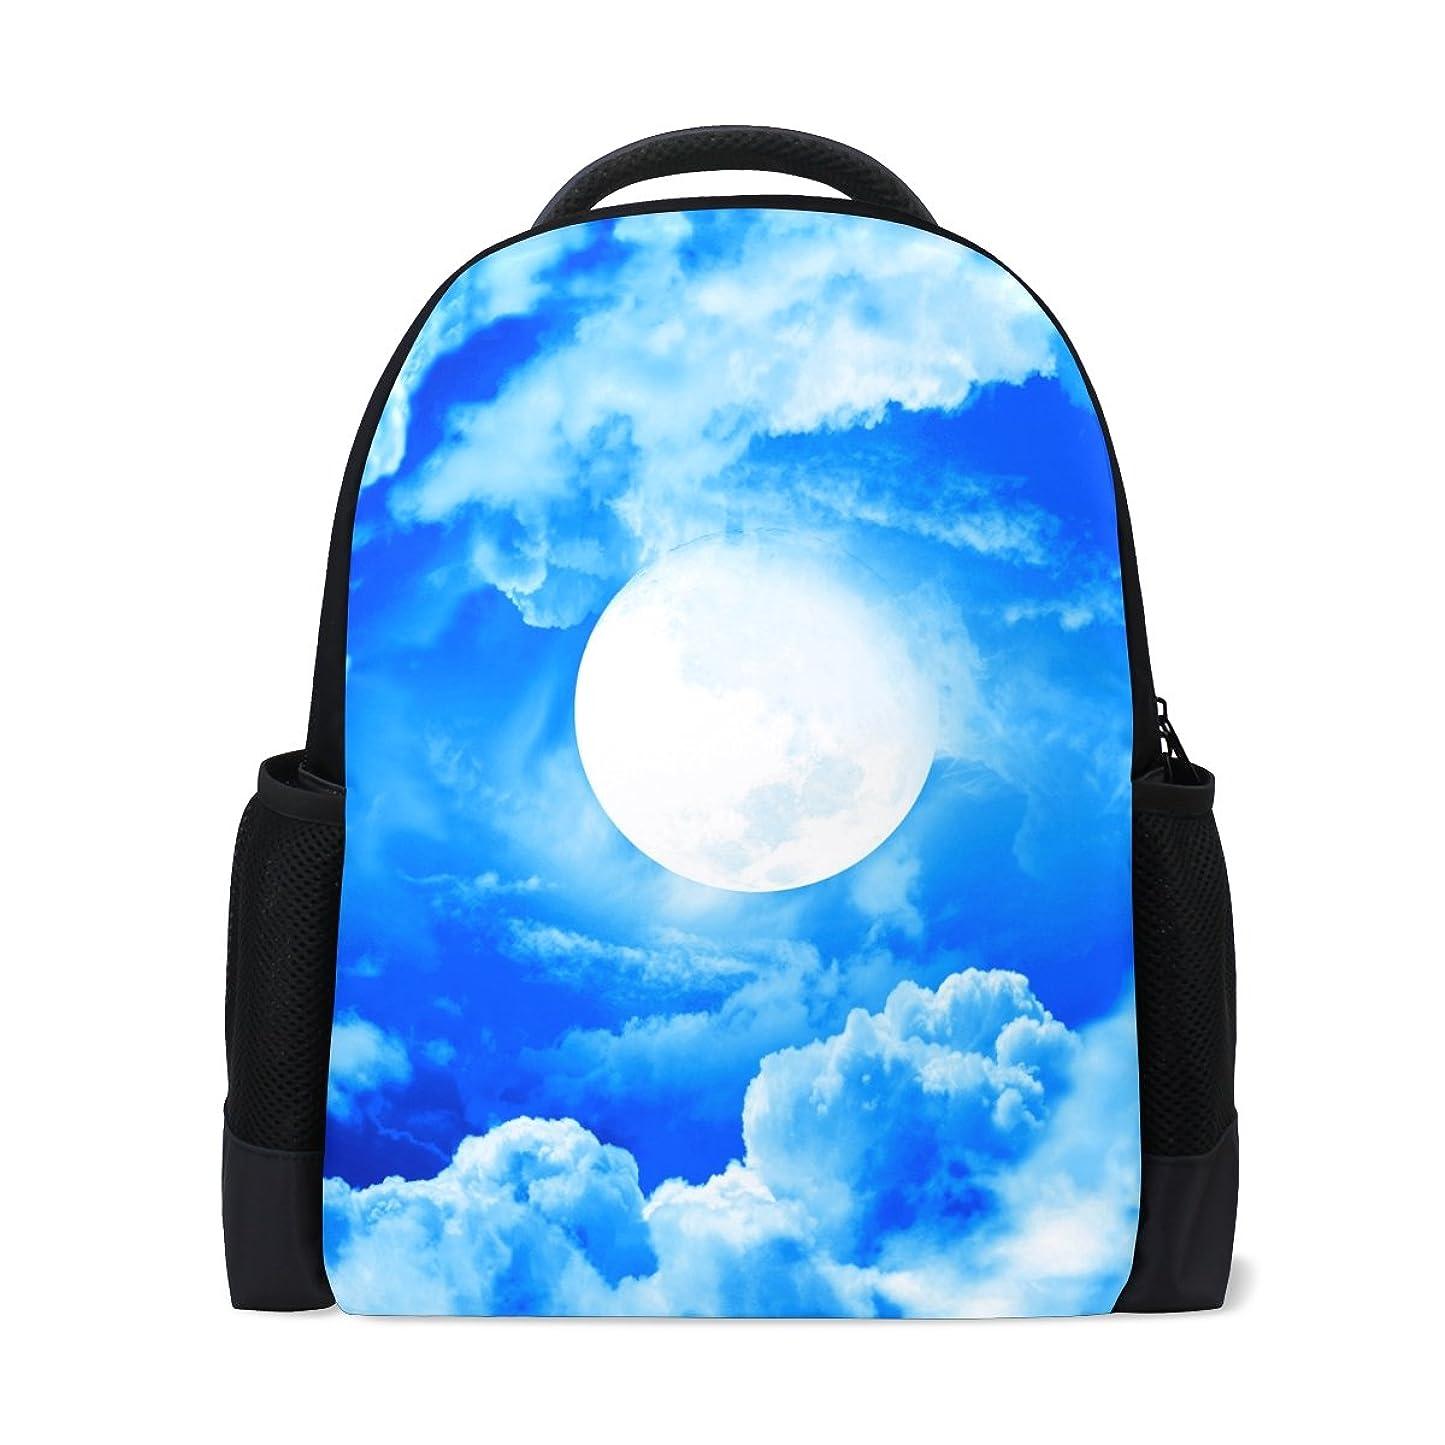 透ける村ブリリアントAOMOKI リュックサック バッグ 男女兼用 メンズ レディース 通勤 通学 大容量 空 ブルー くも 日 青い